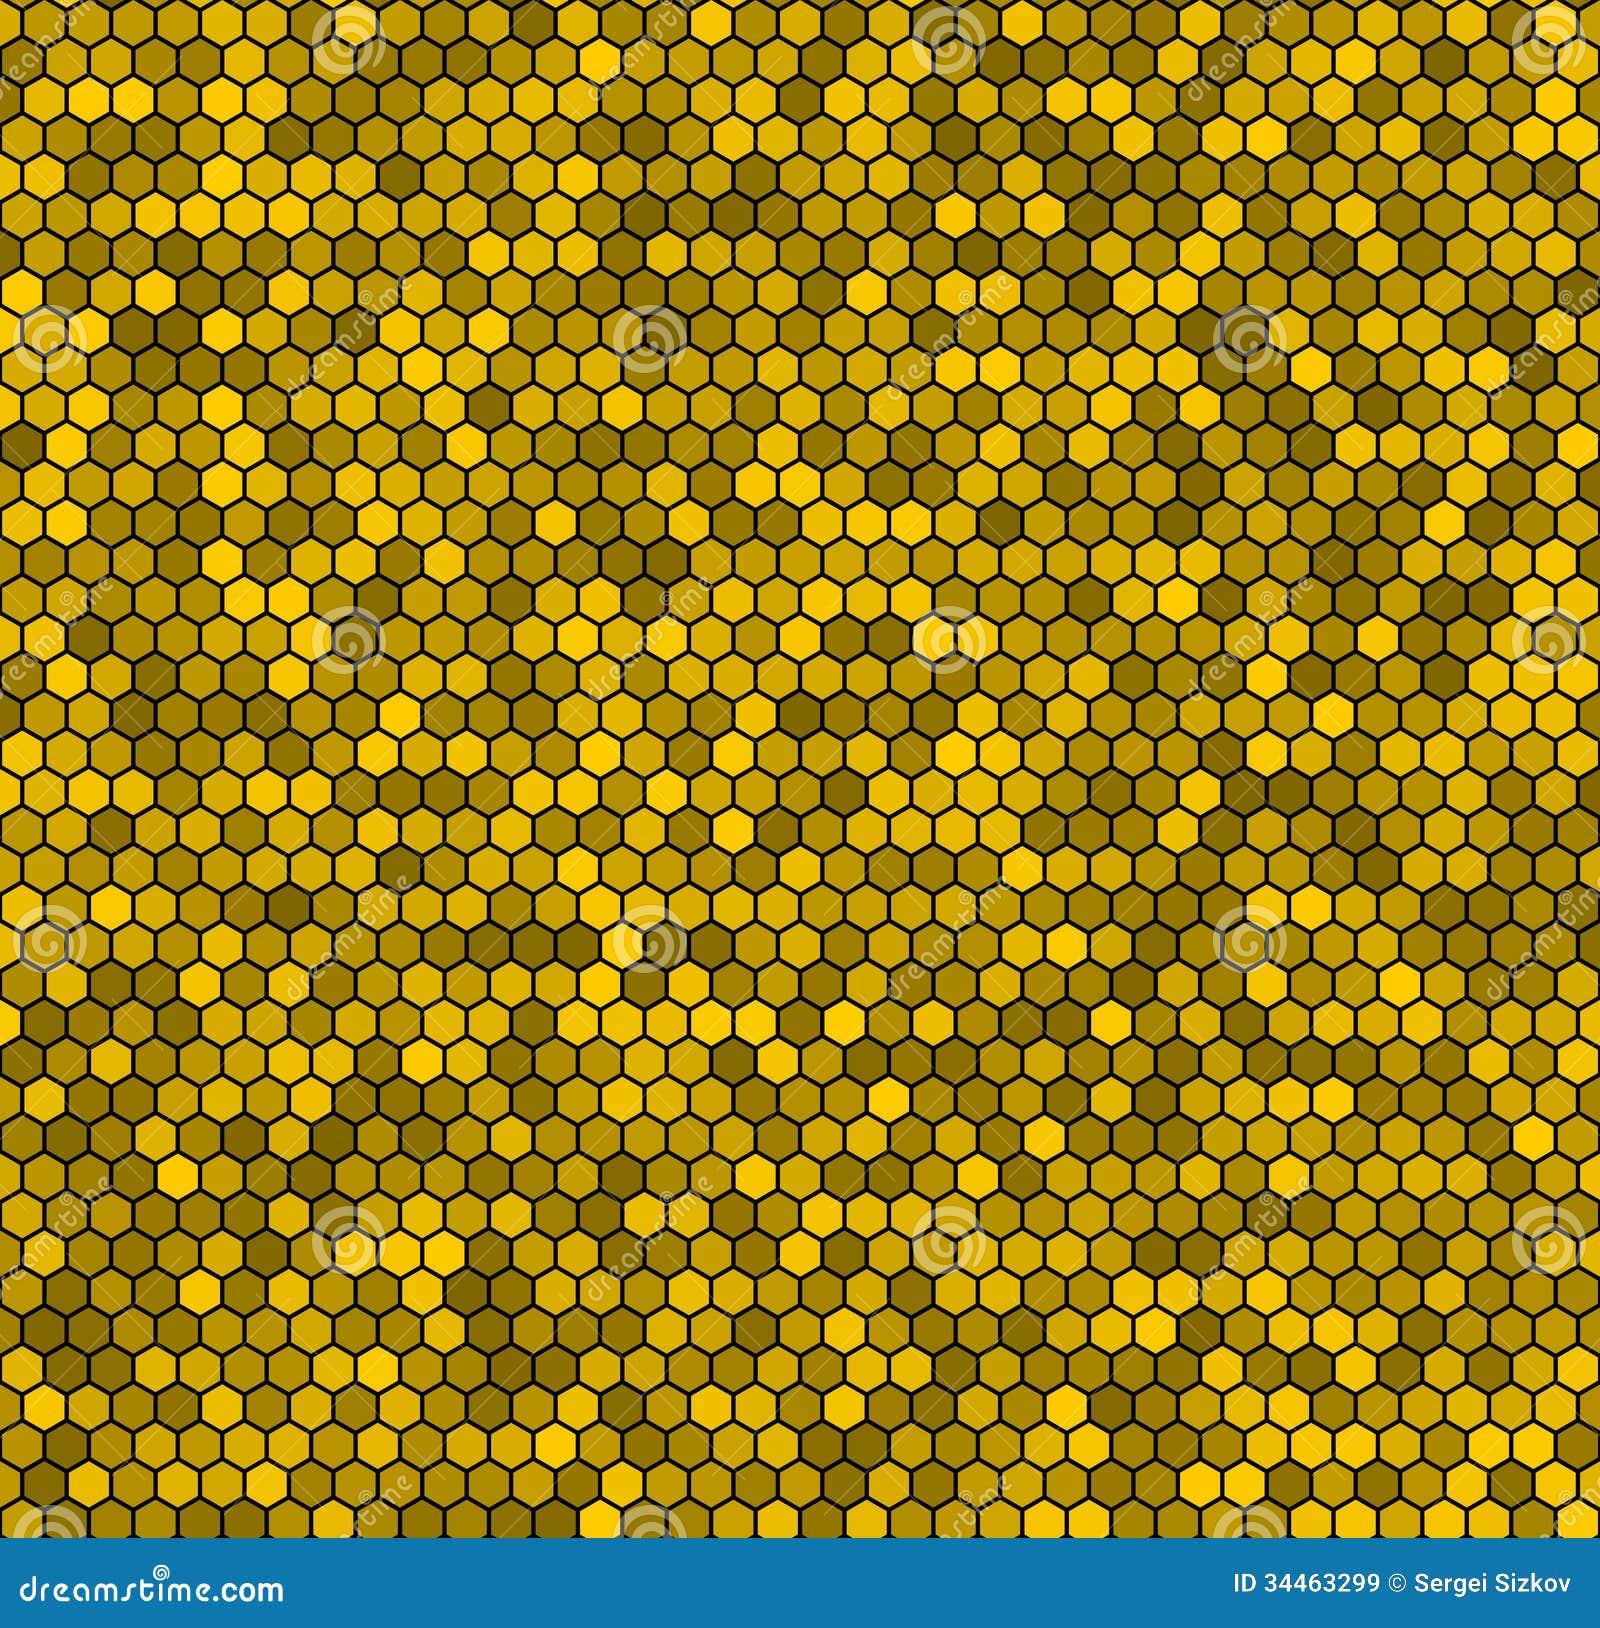 Yellow Honeycomb Vecto...